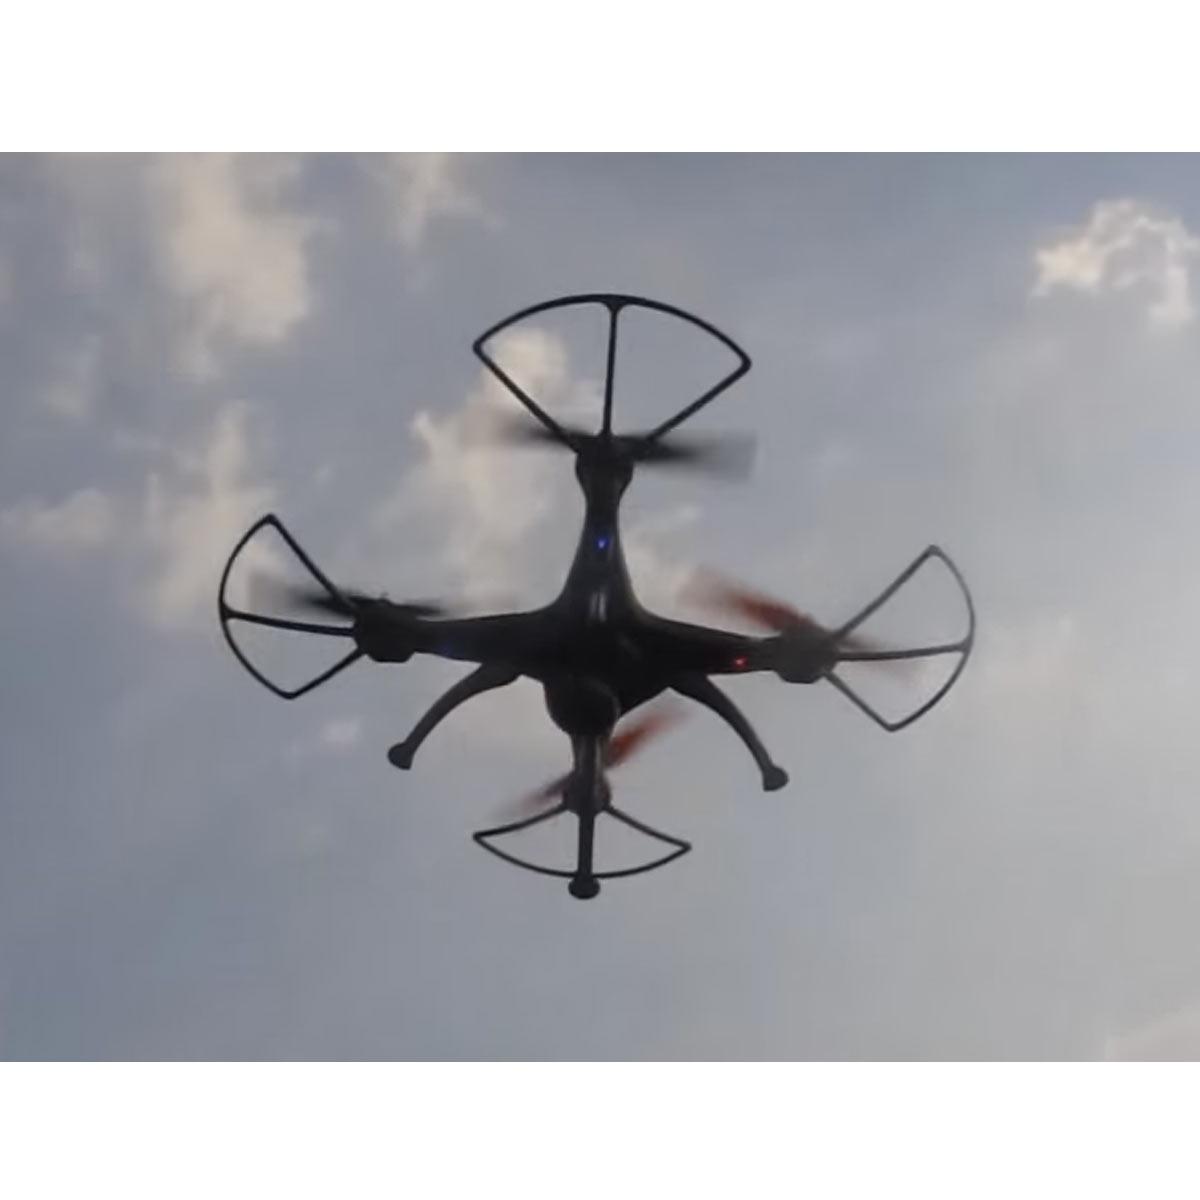 Máy Bay ĐK 4 cánh UFO Q6 FPV Truyền Trực Tiếp Về Điện Thoại